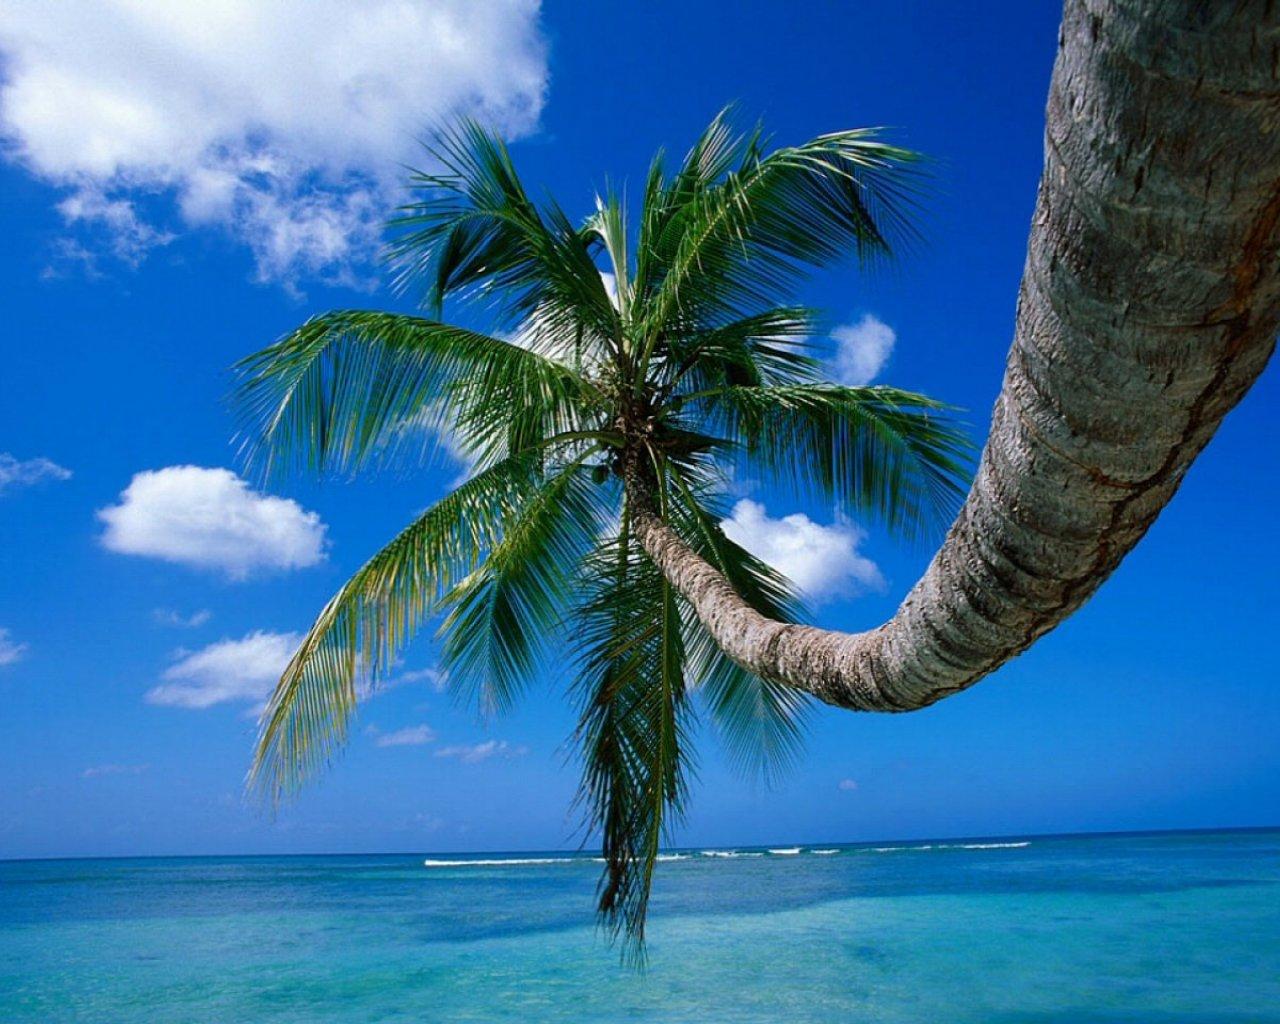 Palm Tree on a Beech computer desktop wallpaper 1280x1024